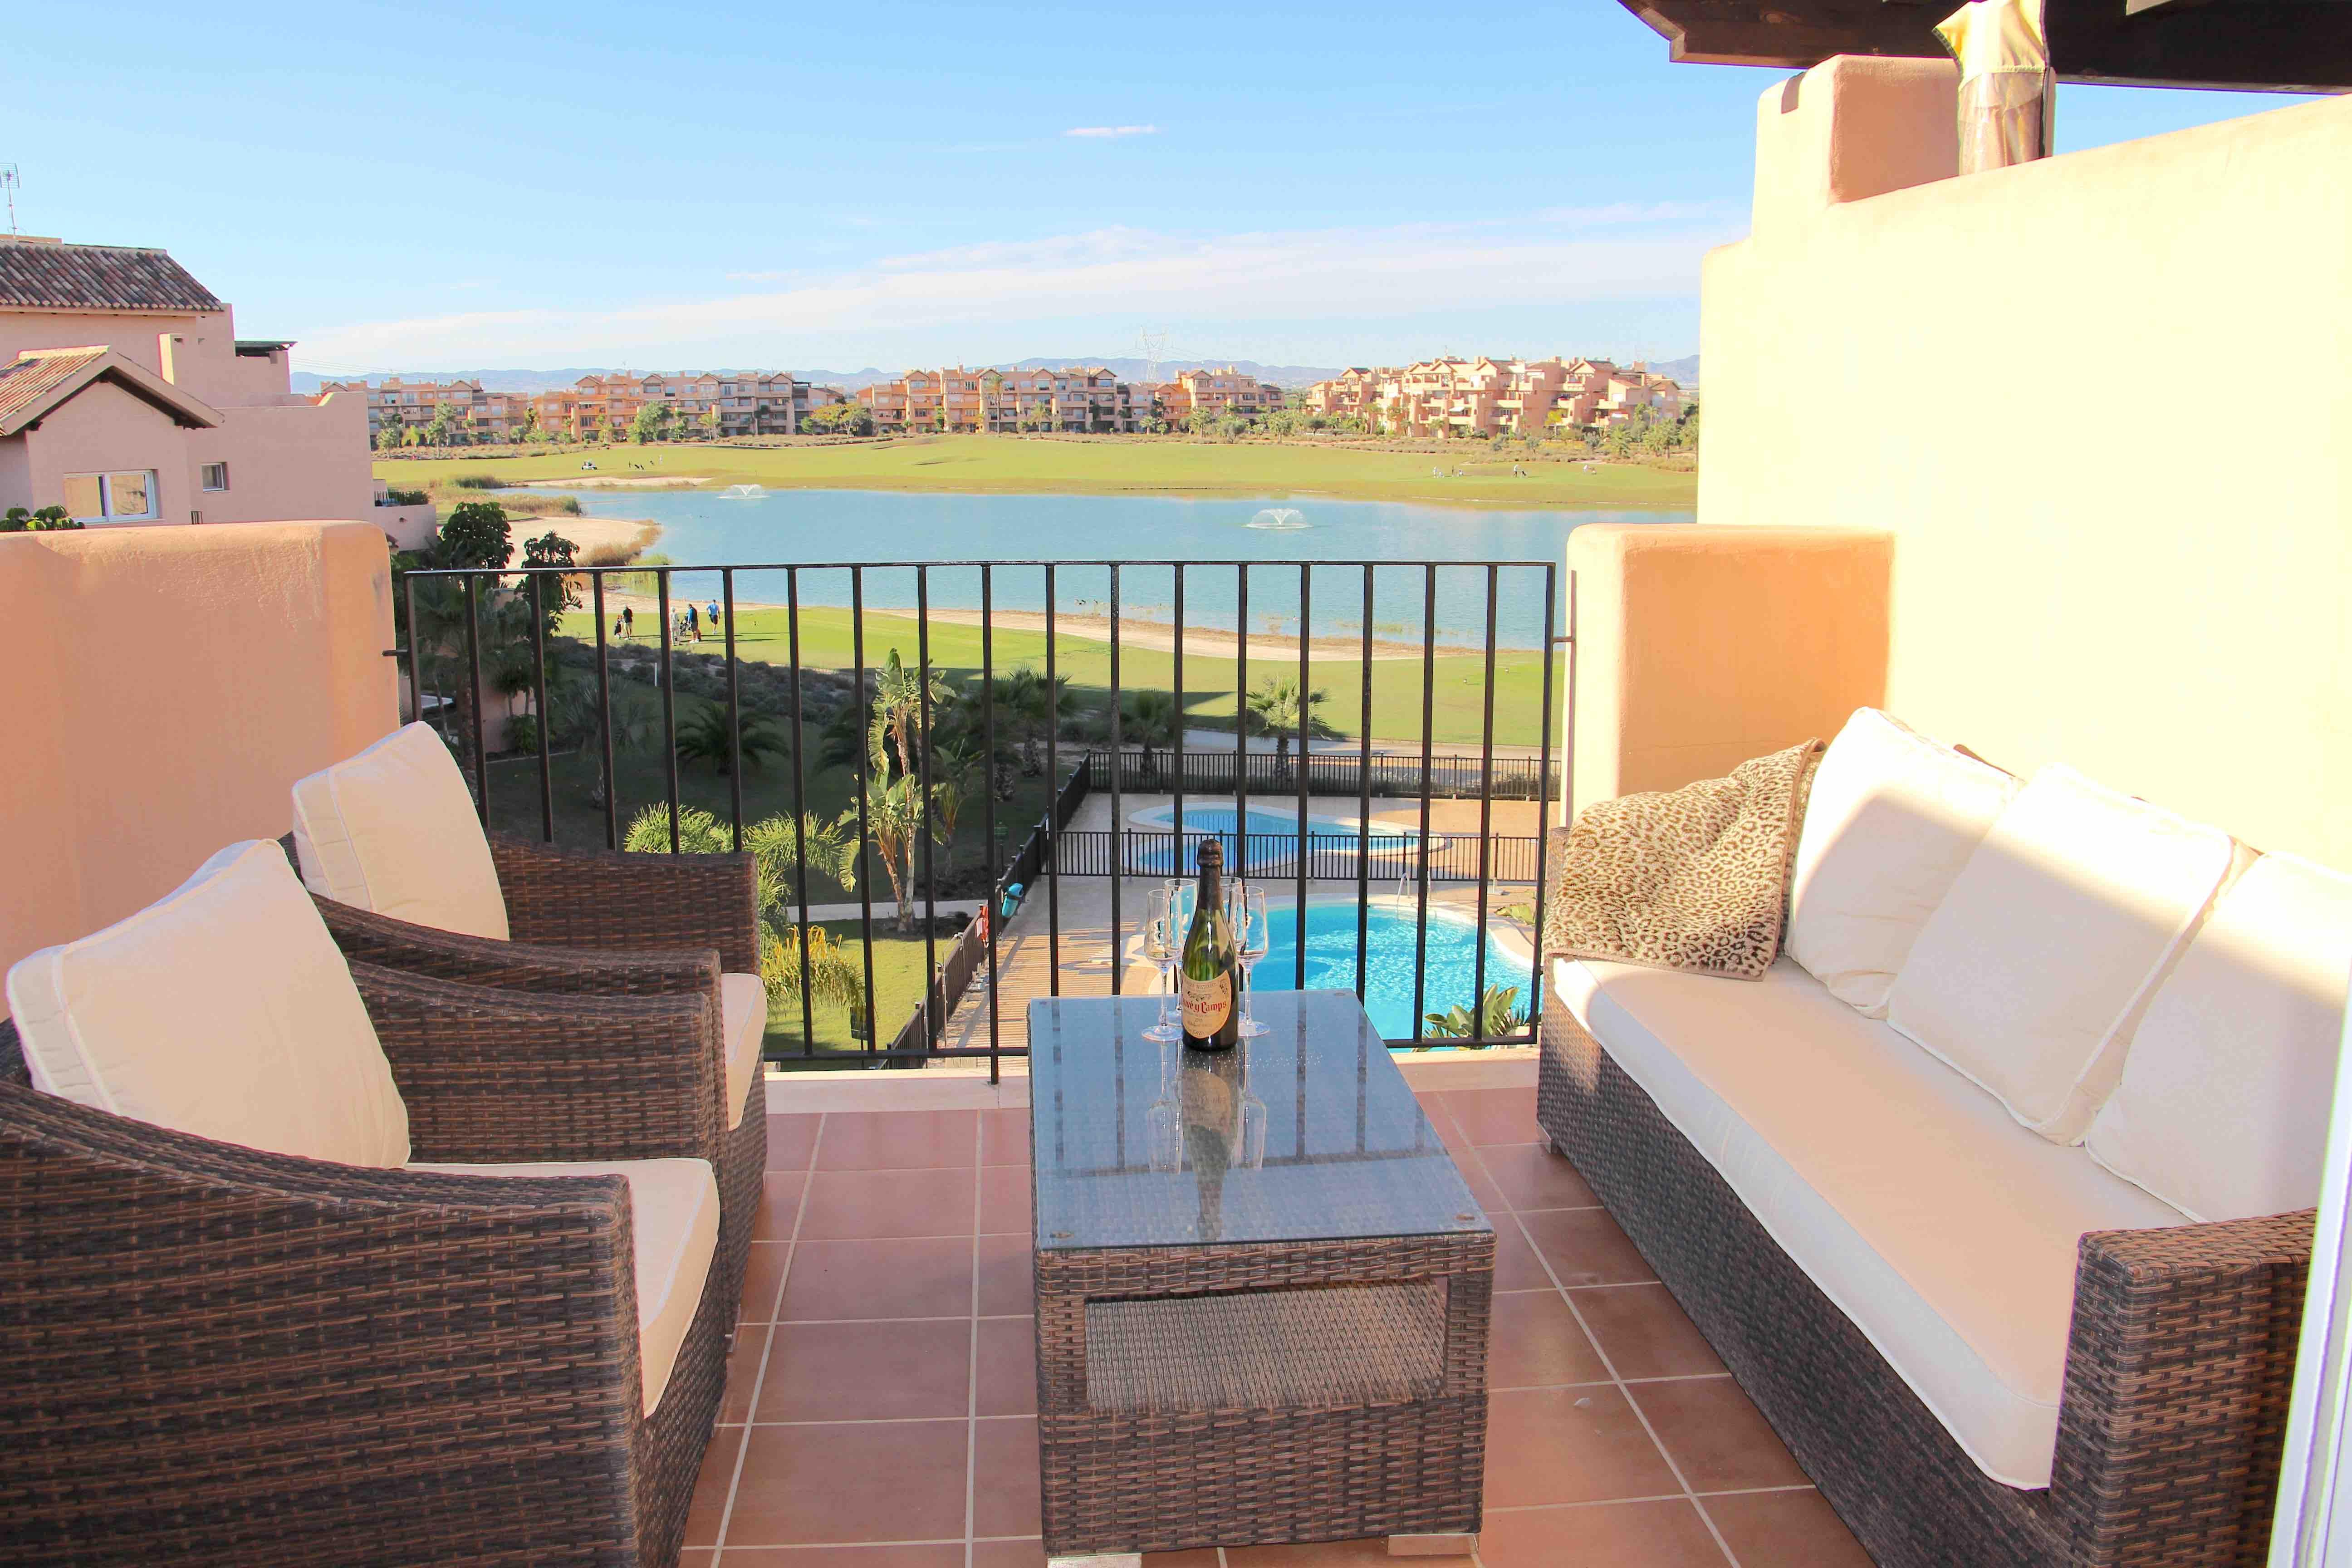 Vestvendt Penthouse med Resortens favorittutsikt over innsjøen, golfbanen og basseng [9731]